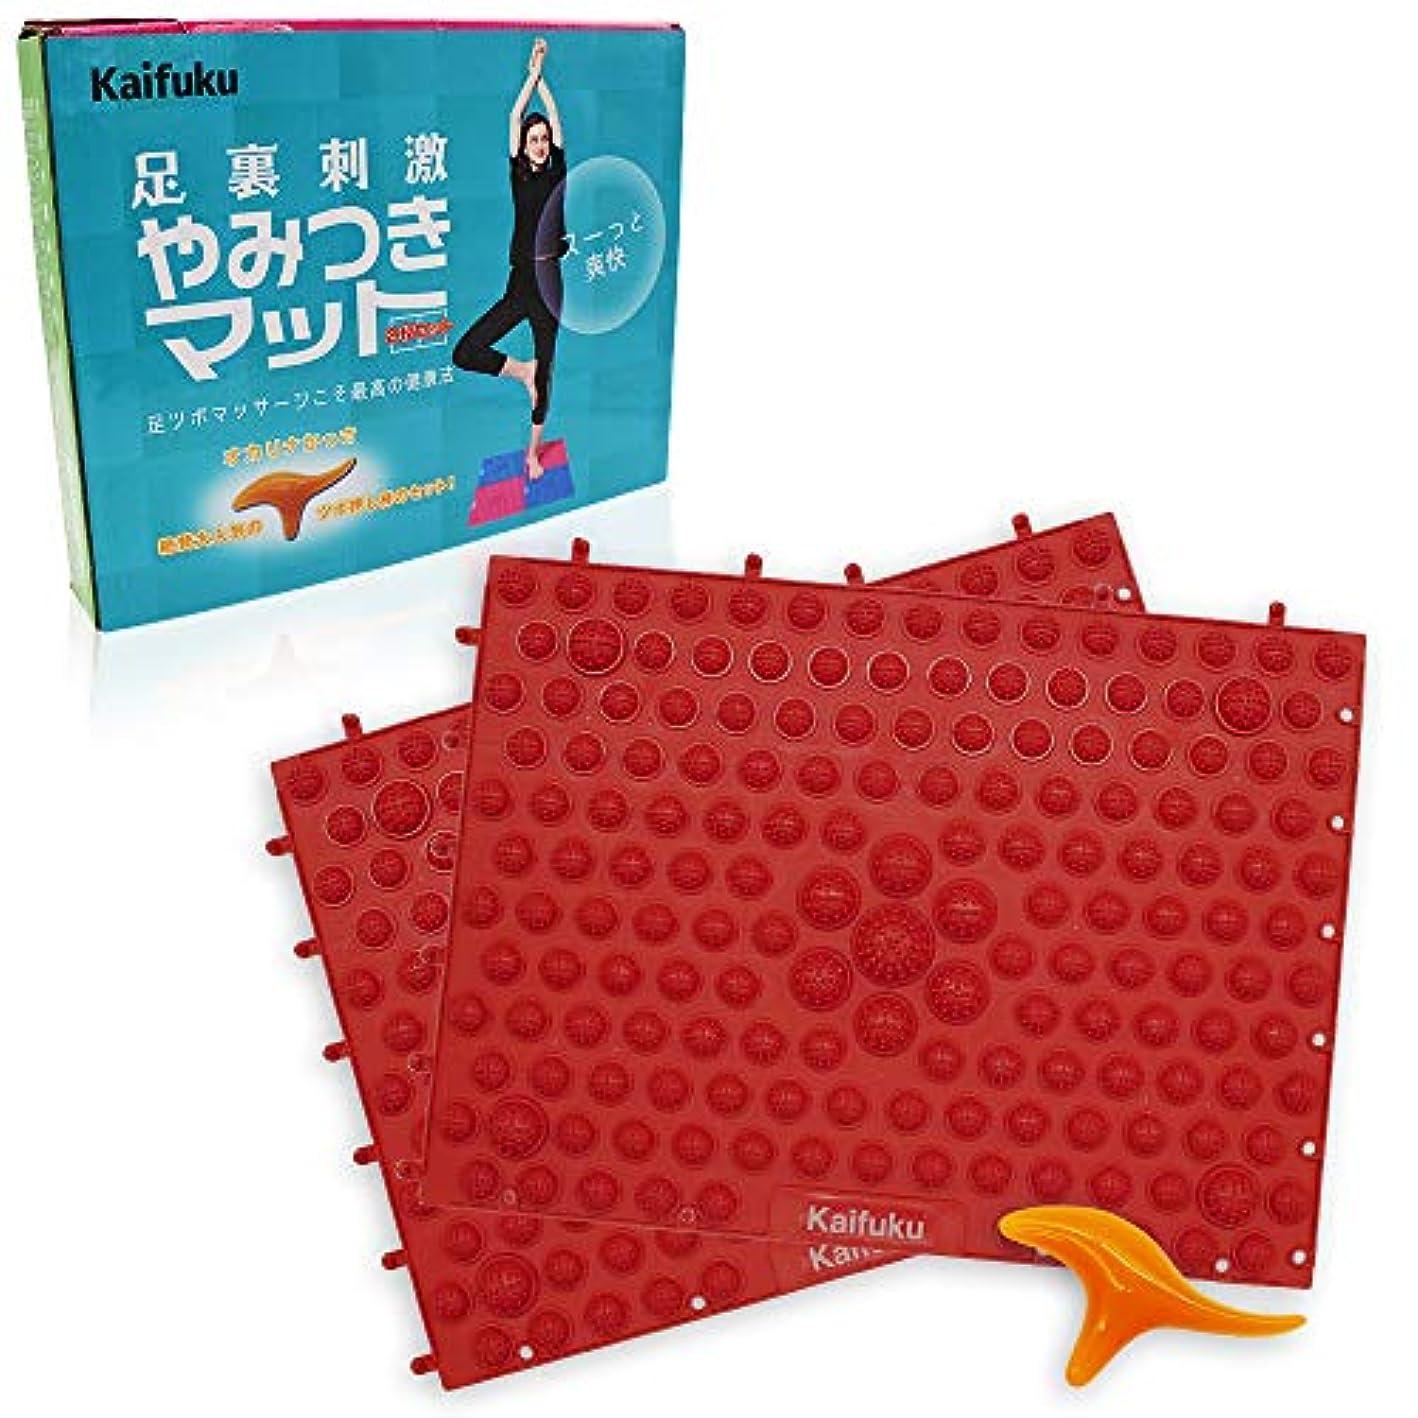 抑制する基礎理論応じるkaifuku 足つぼマット 足つぼ 足裏マッサージ 足つぼマッサージ ツボ押し棒 2枚セット (赤)